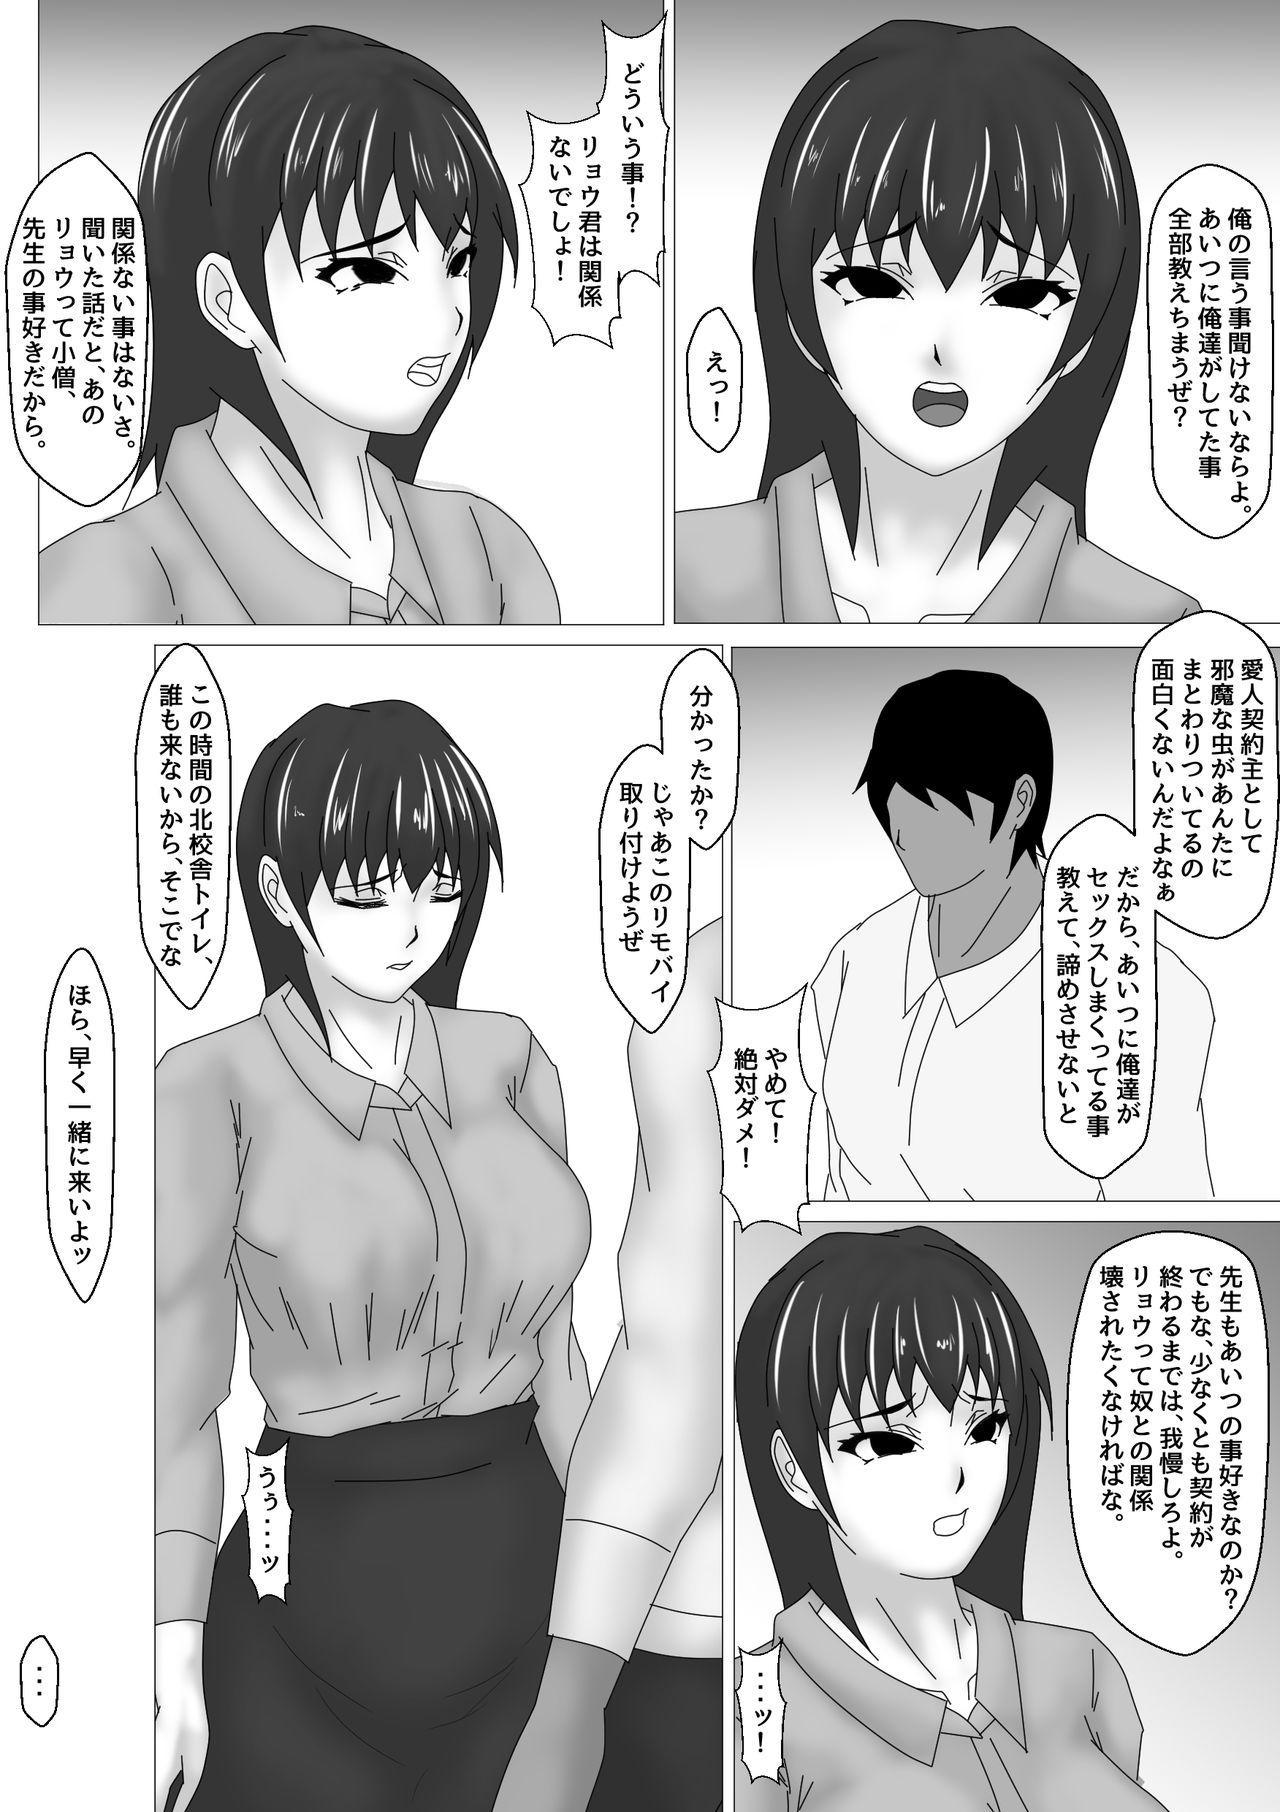 Onna Kyoushi Shinozaki Rin no Choukyou Kiroku 92